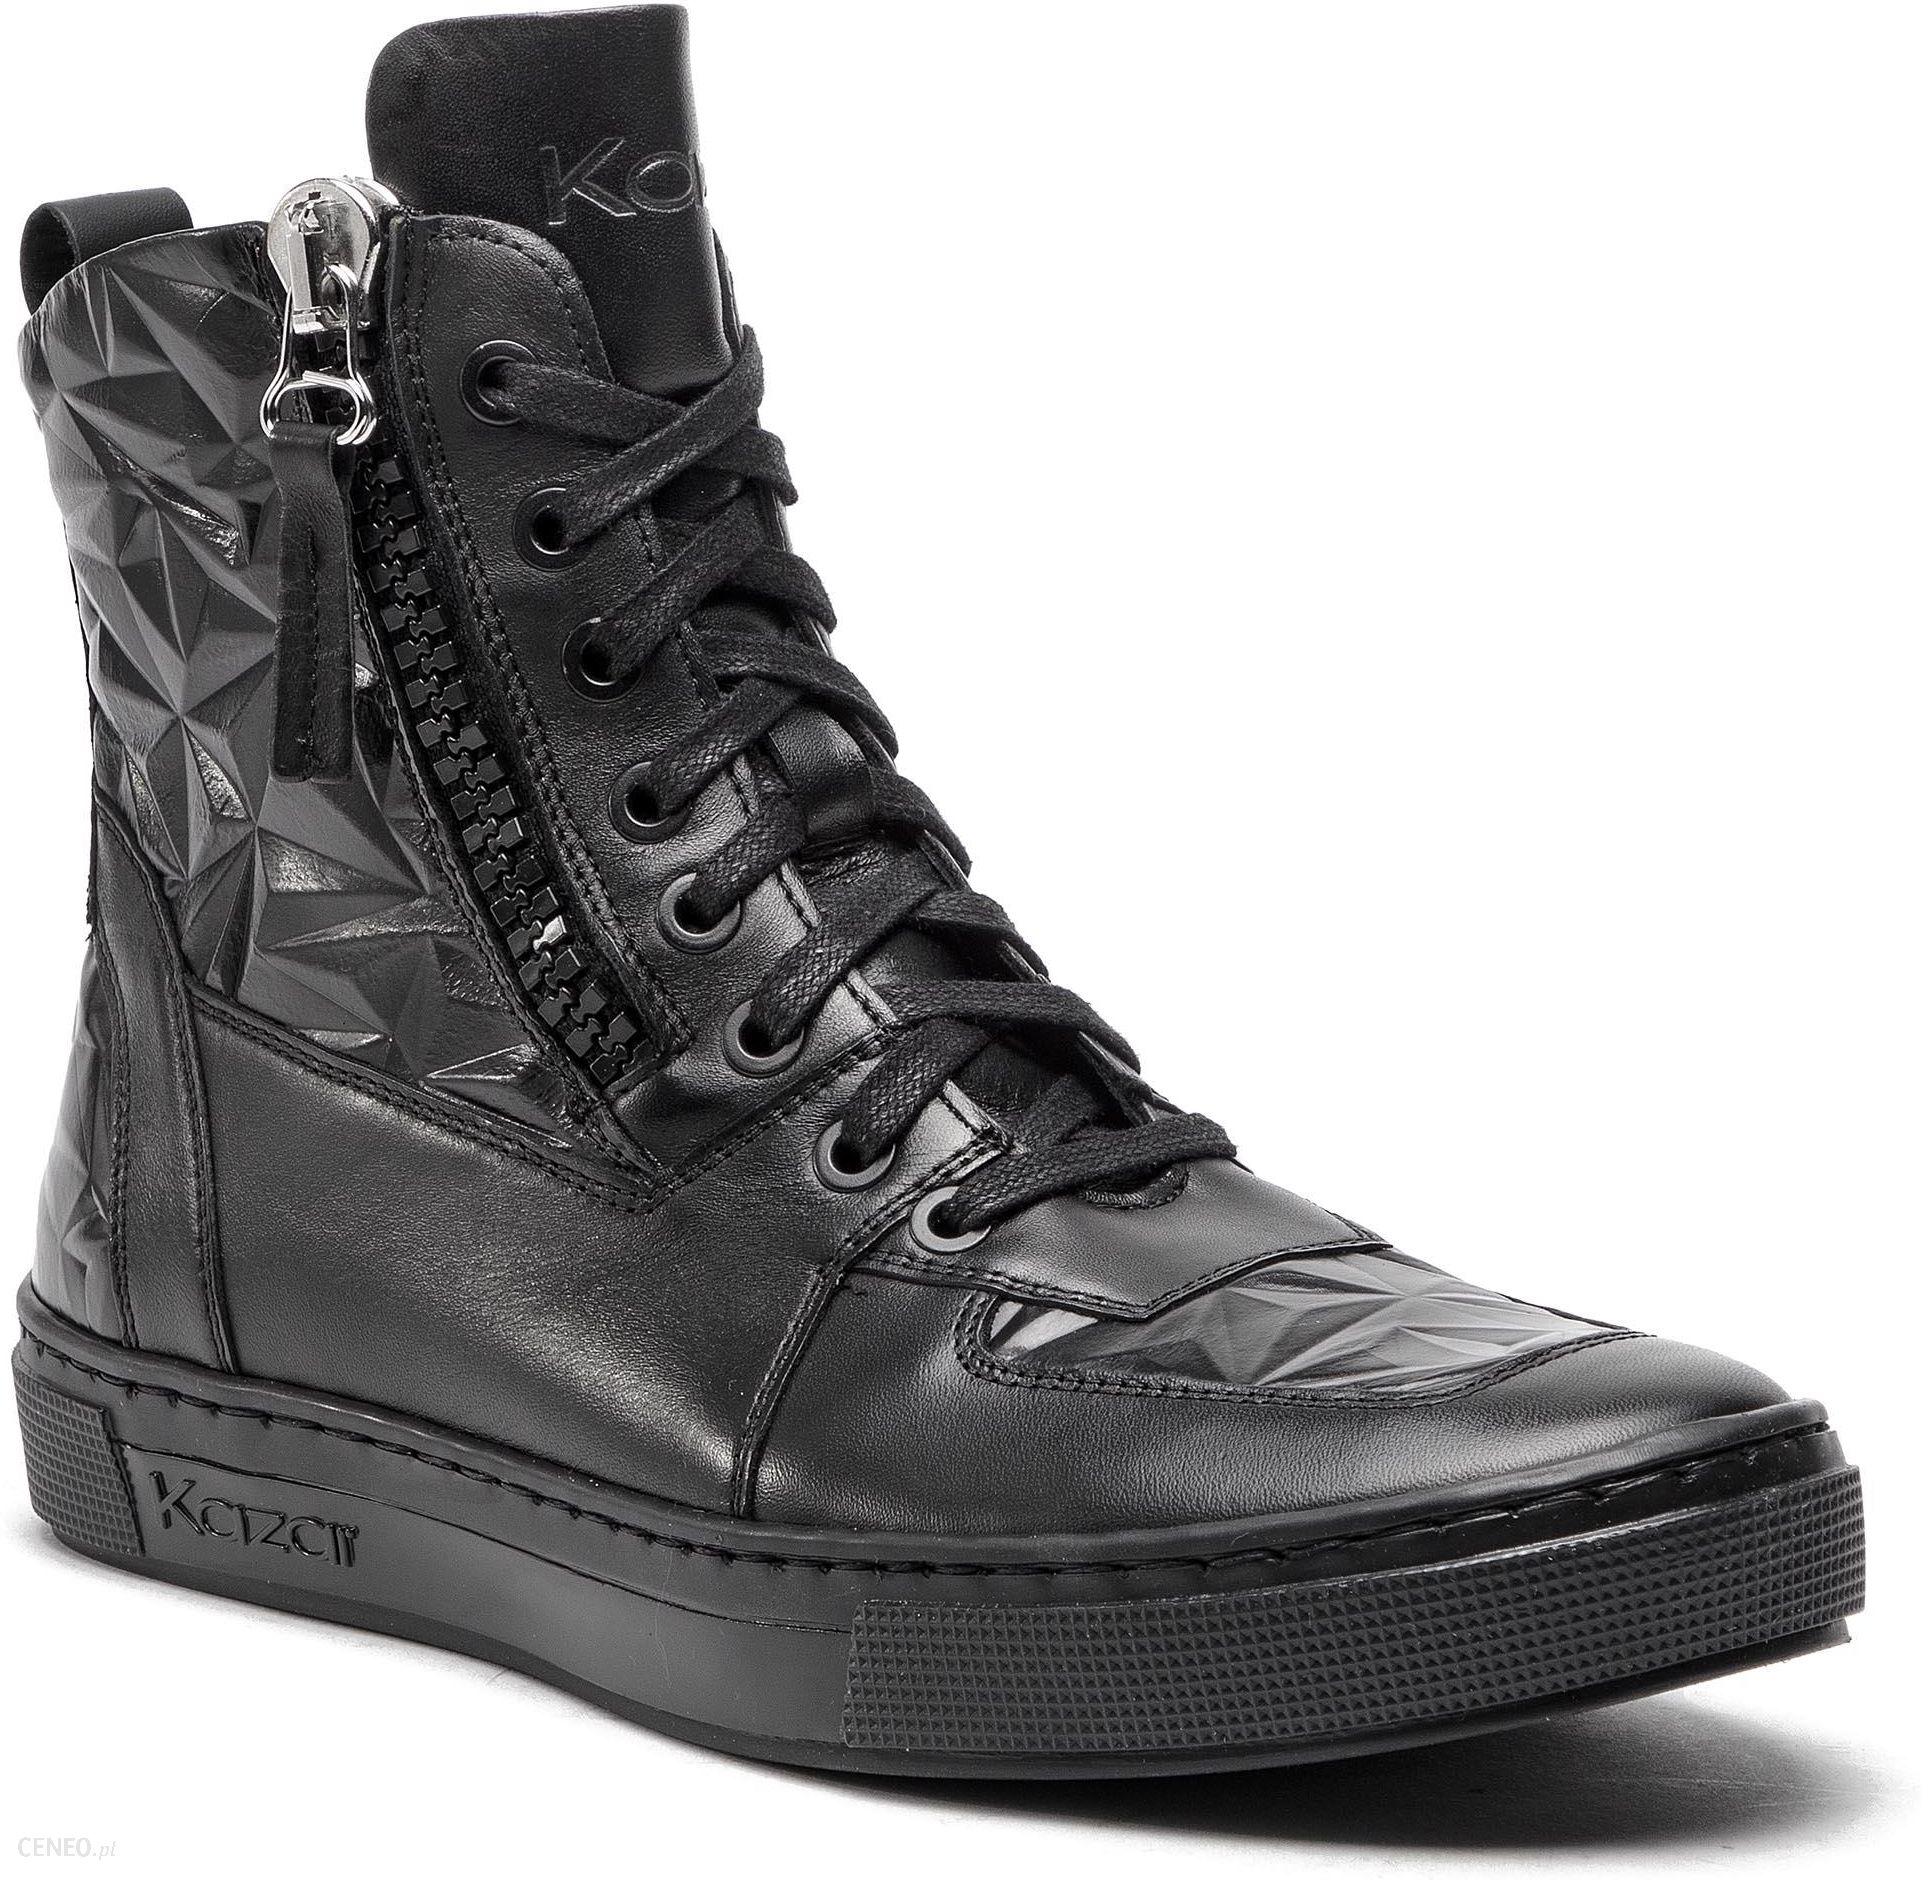 1be19393 Sneakersy KAZAR - Jens 36595-16-00 Czarny - Ceny i opinie - Ceneo.pl